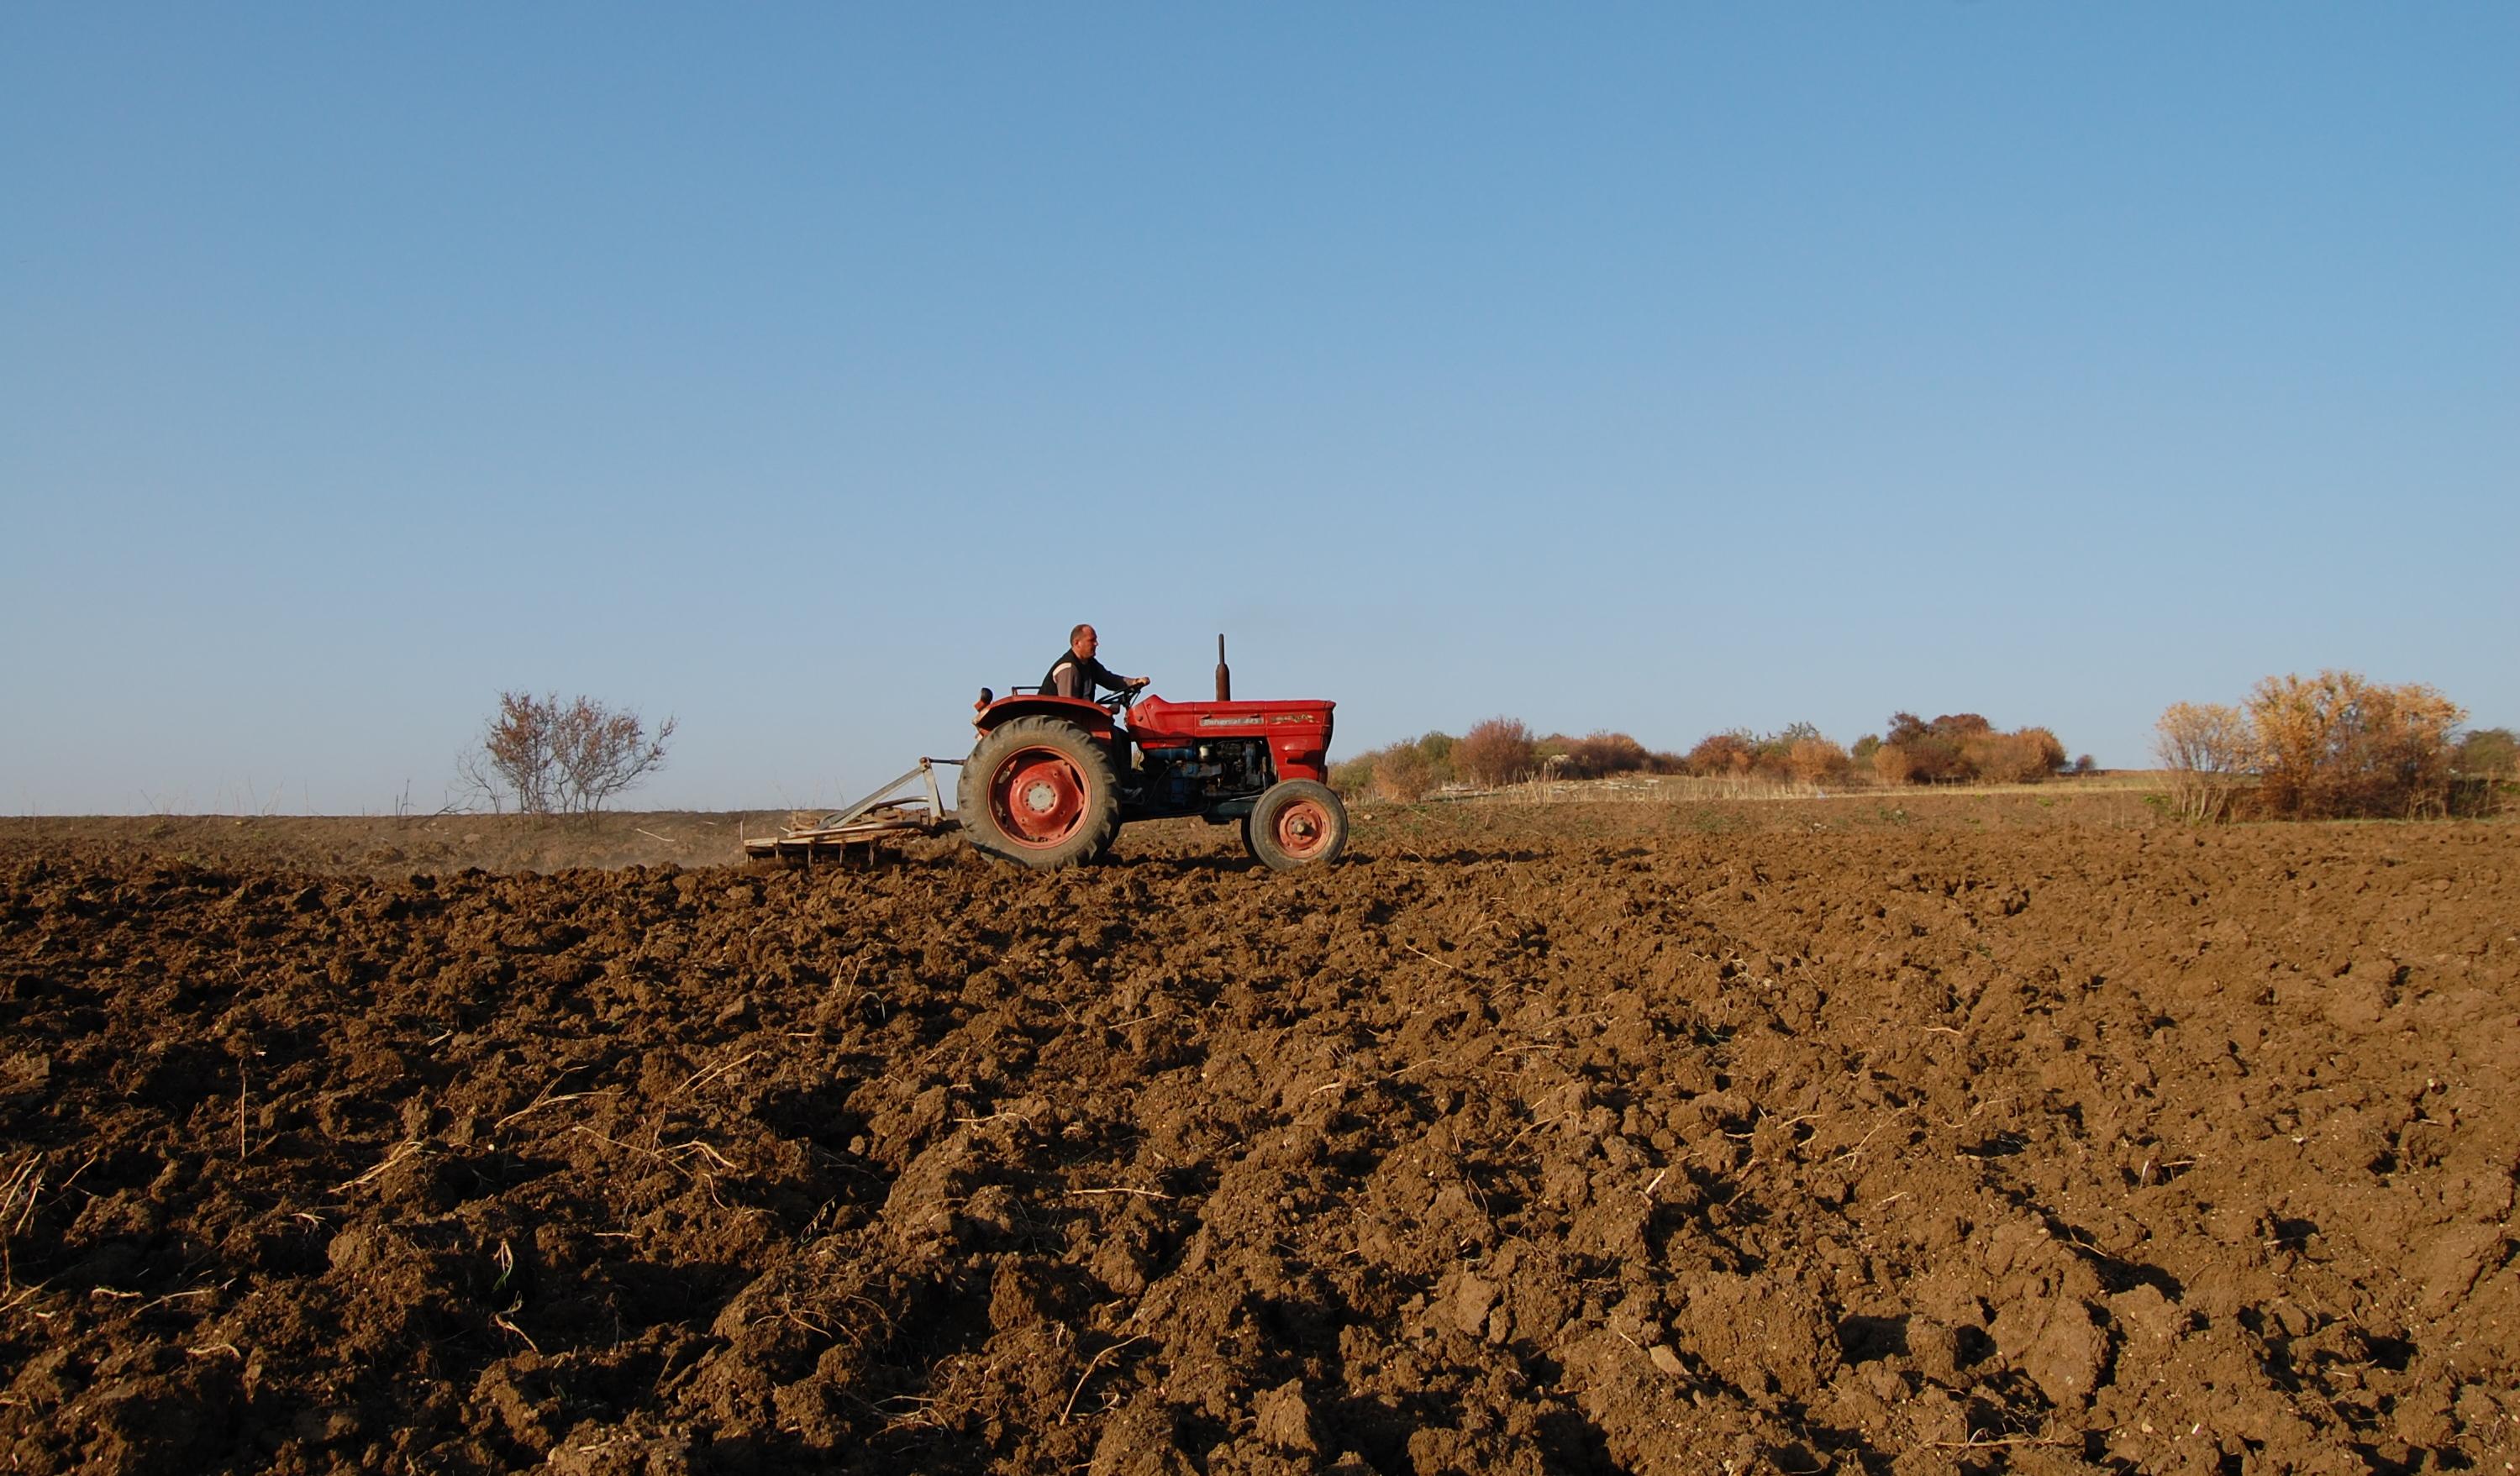 Die Mehrheit der Erwerbstätigen arbeitet in der Landwirtschaft.